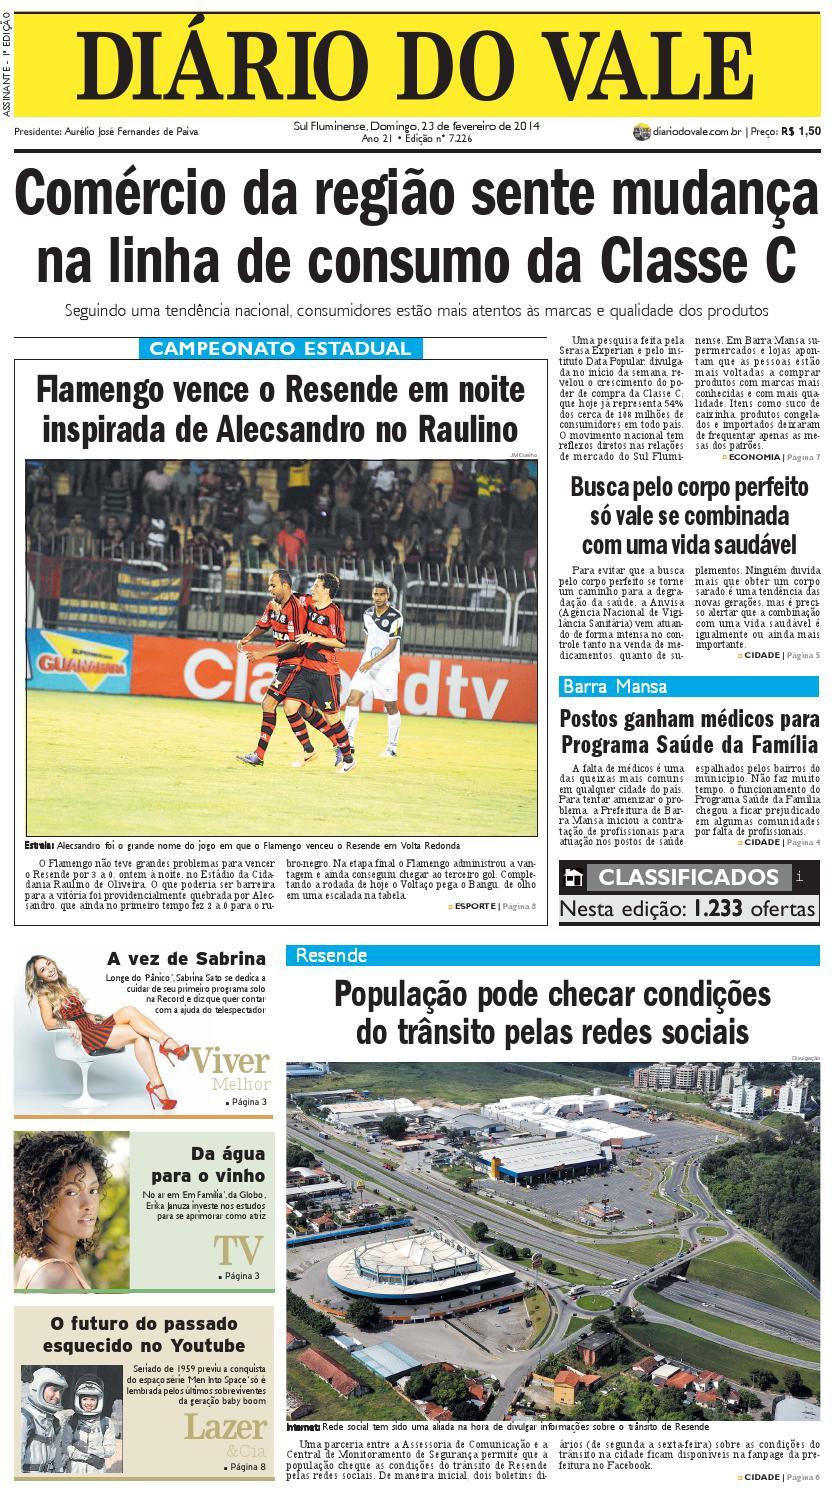 7226 diario domingo 23 02 14 by Diário do Vale - issuu 1c0595fec515d